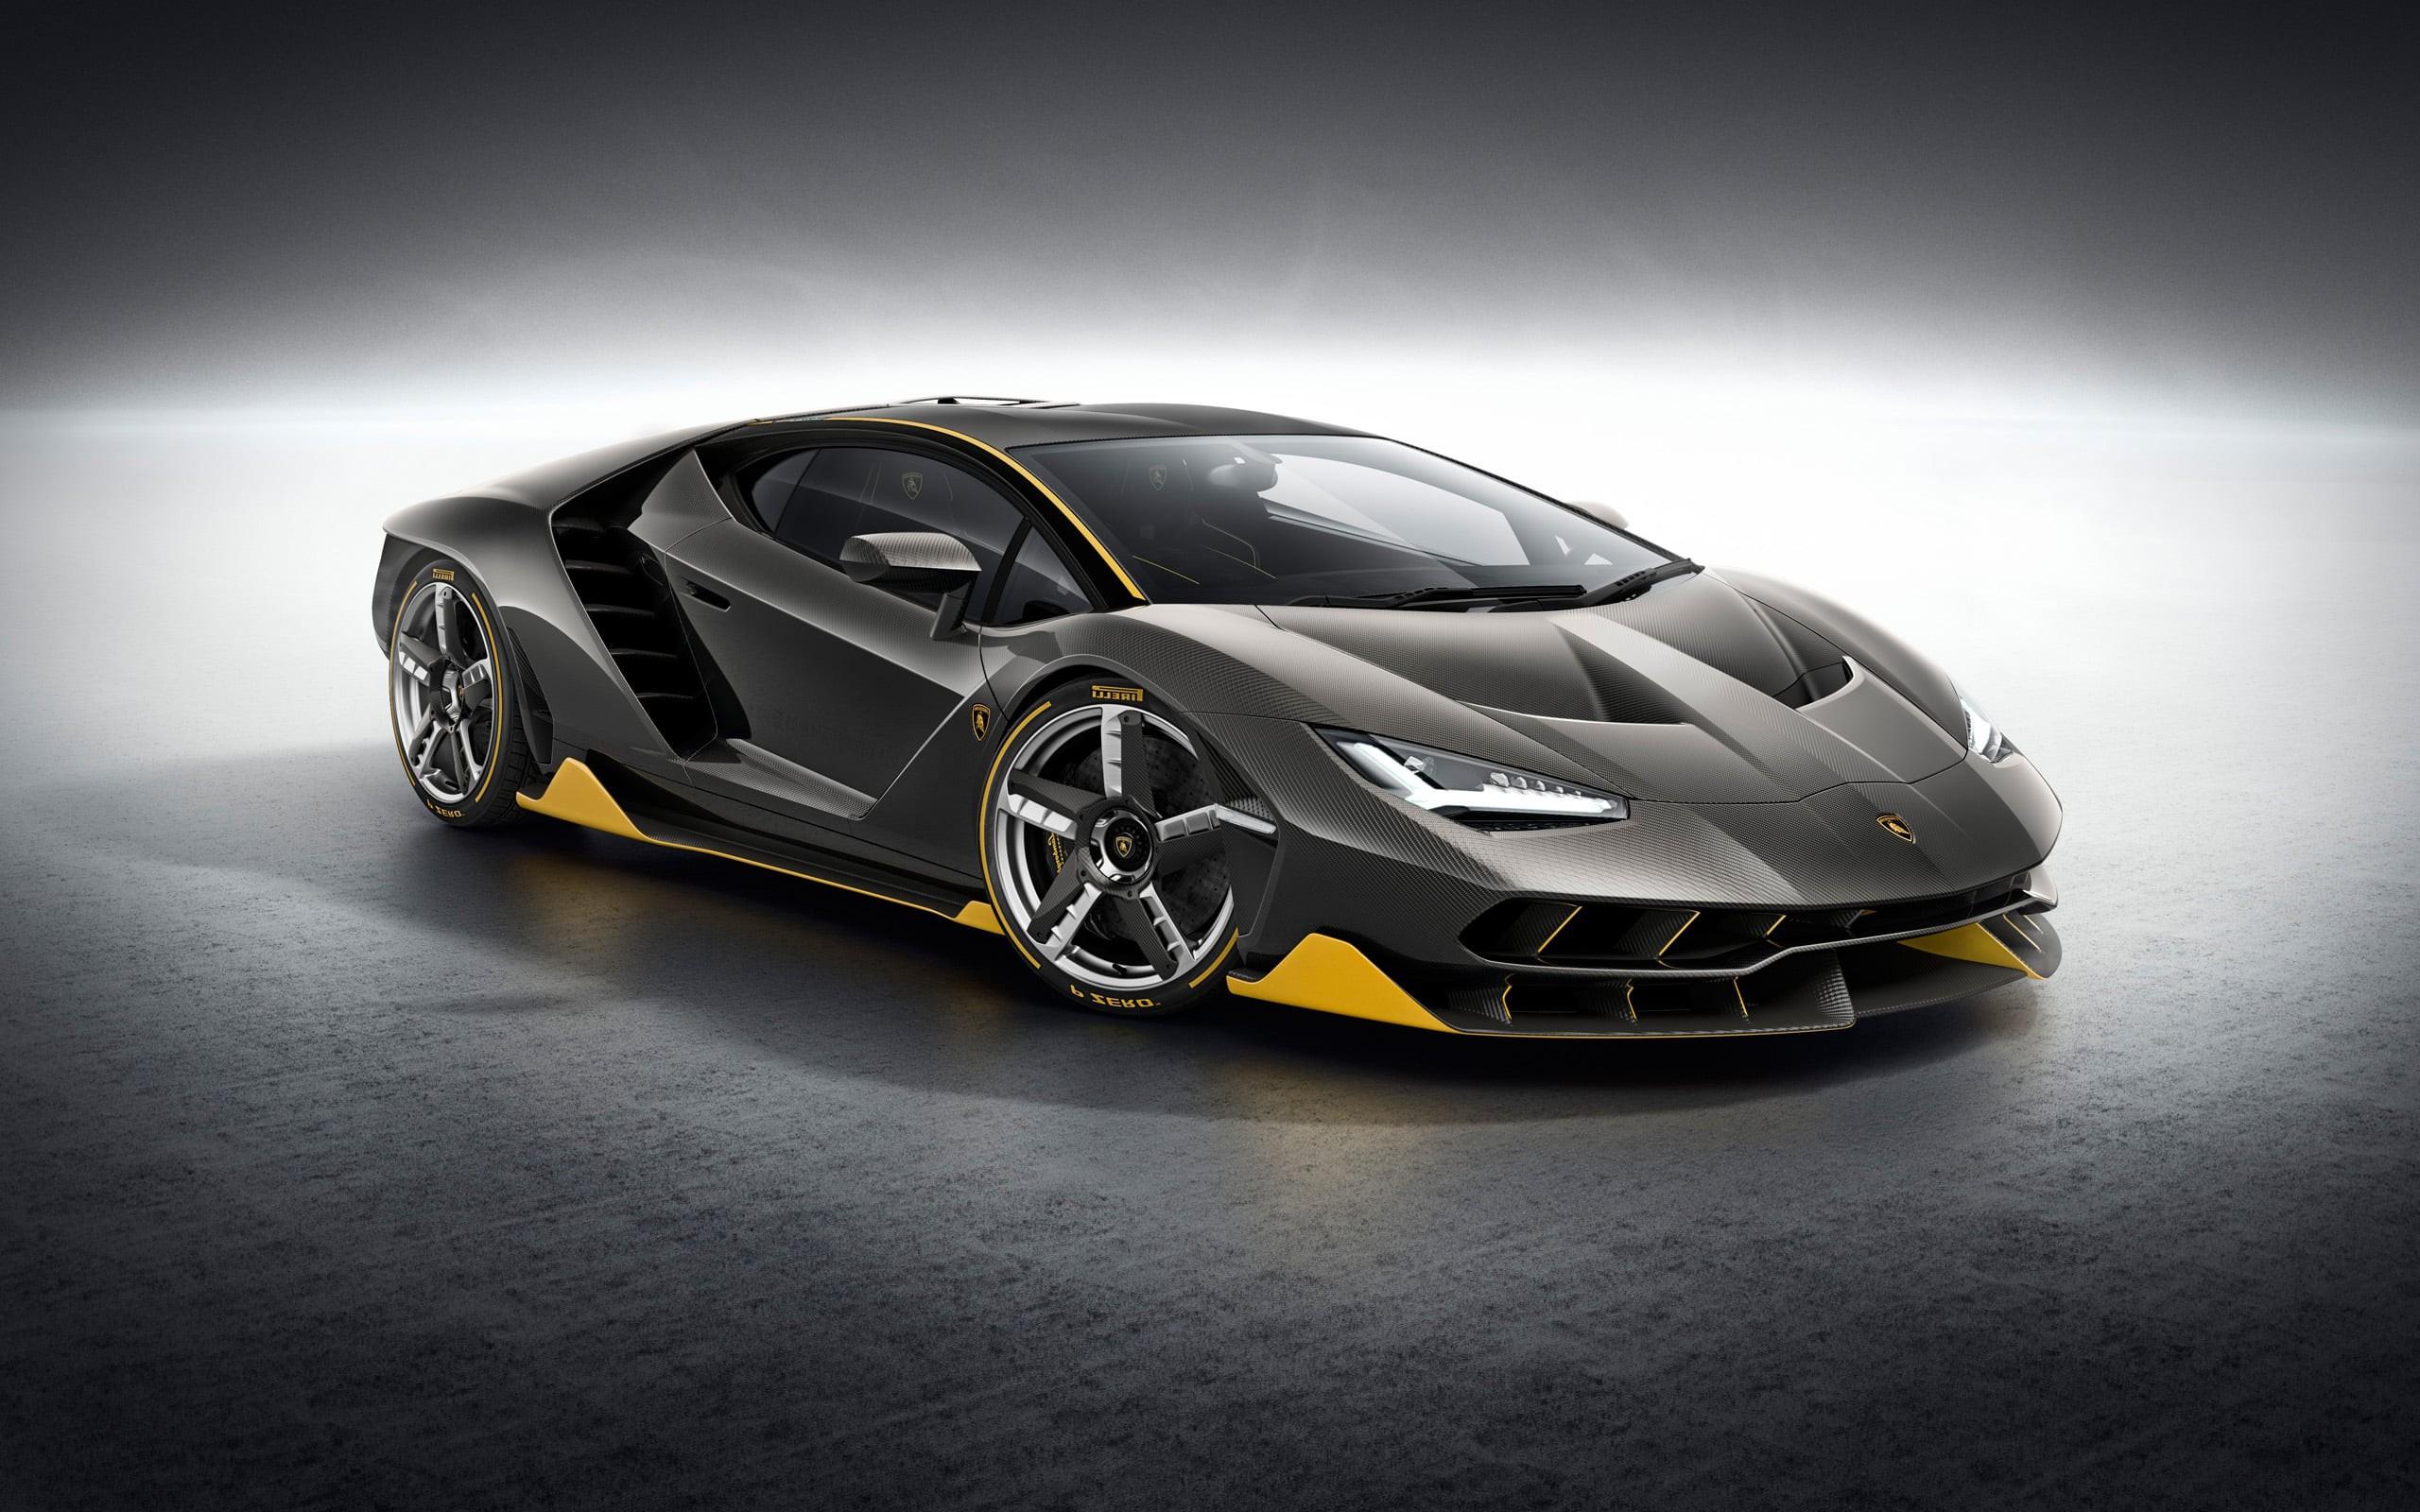 2018 Lamborghini Wallpapers Wallpapersafari